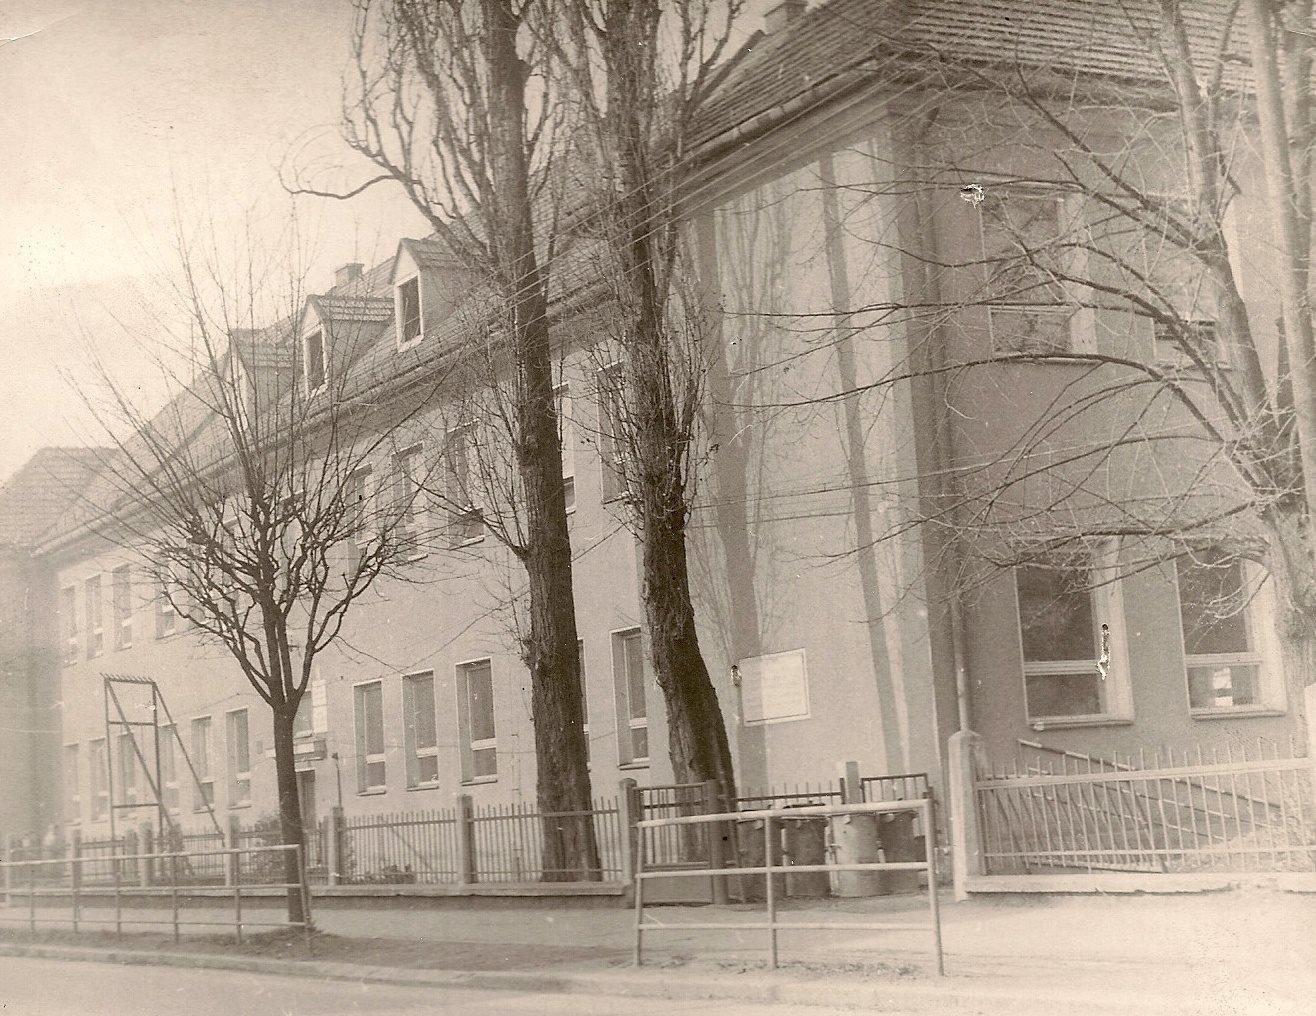 Ľudová škola, 90te roky